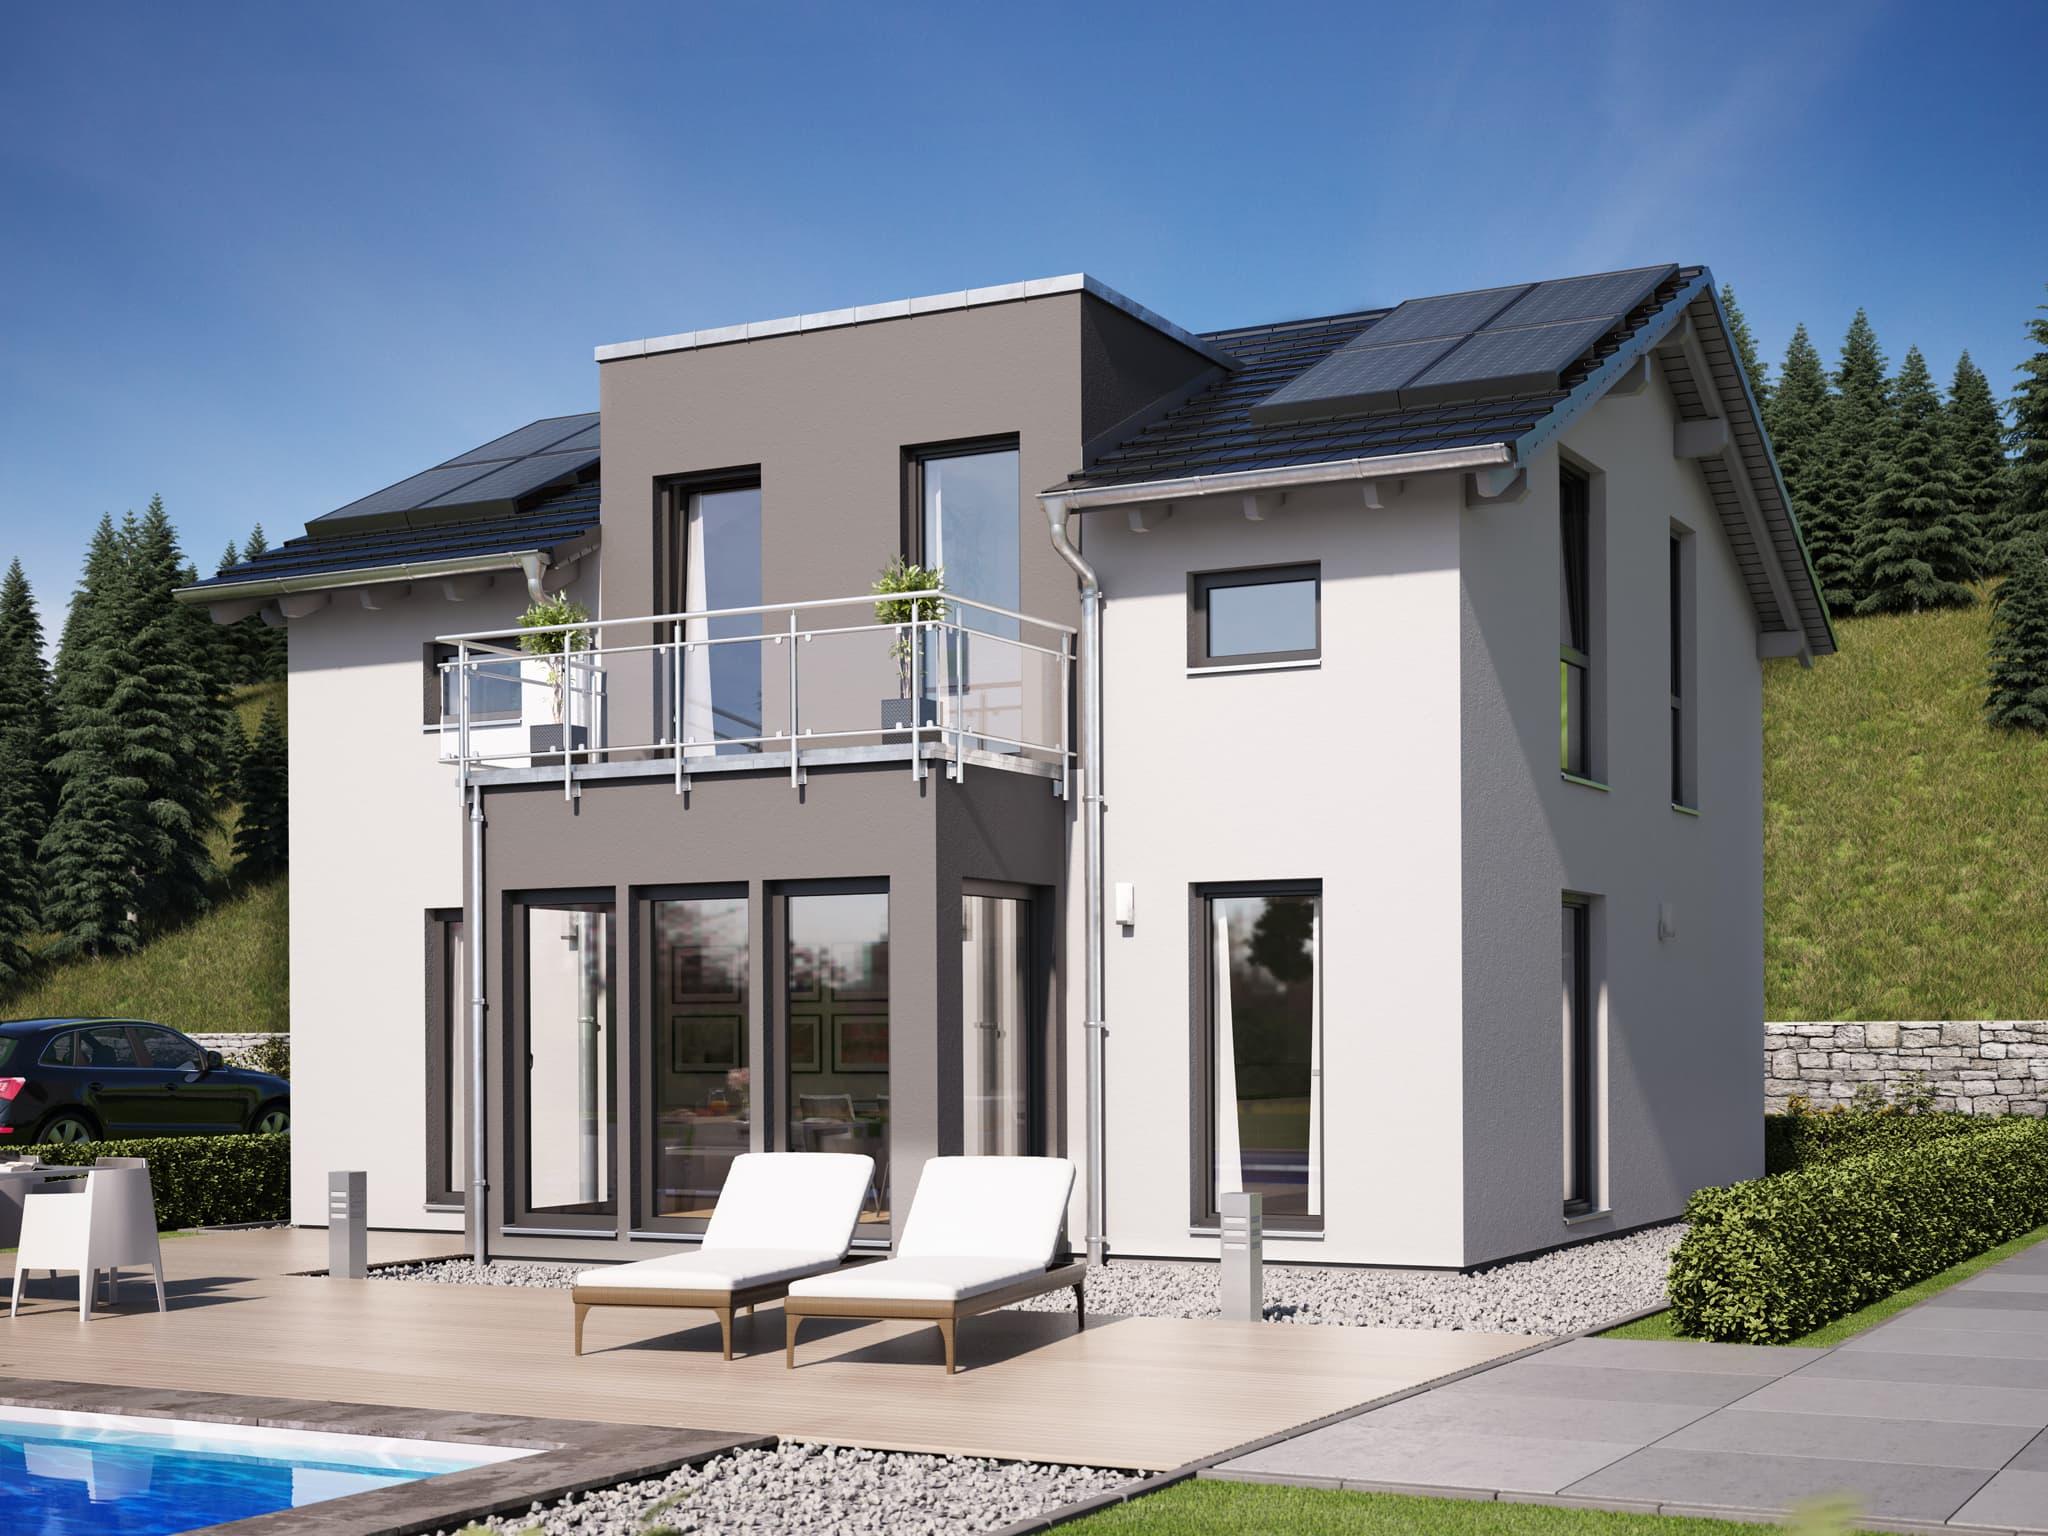 Fertighaus modern mit Satteldach Architektur, Zwerchgiebel, Wintergarten Erker & Balkon - Haus bauen Ideen Einfamilienhaus Living Haus SUNSHINE 125 V4 - HausbauDirekt.de